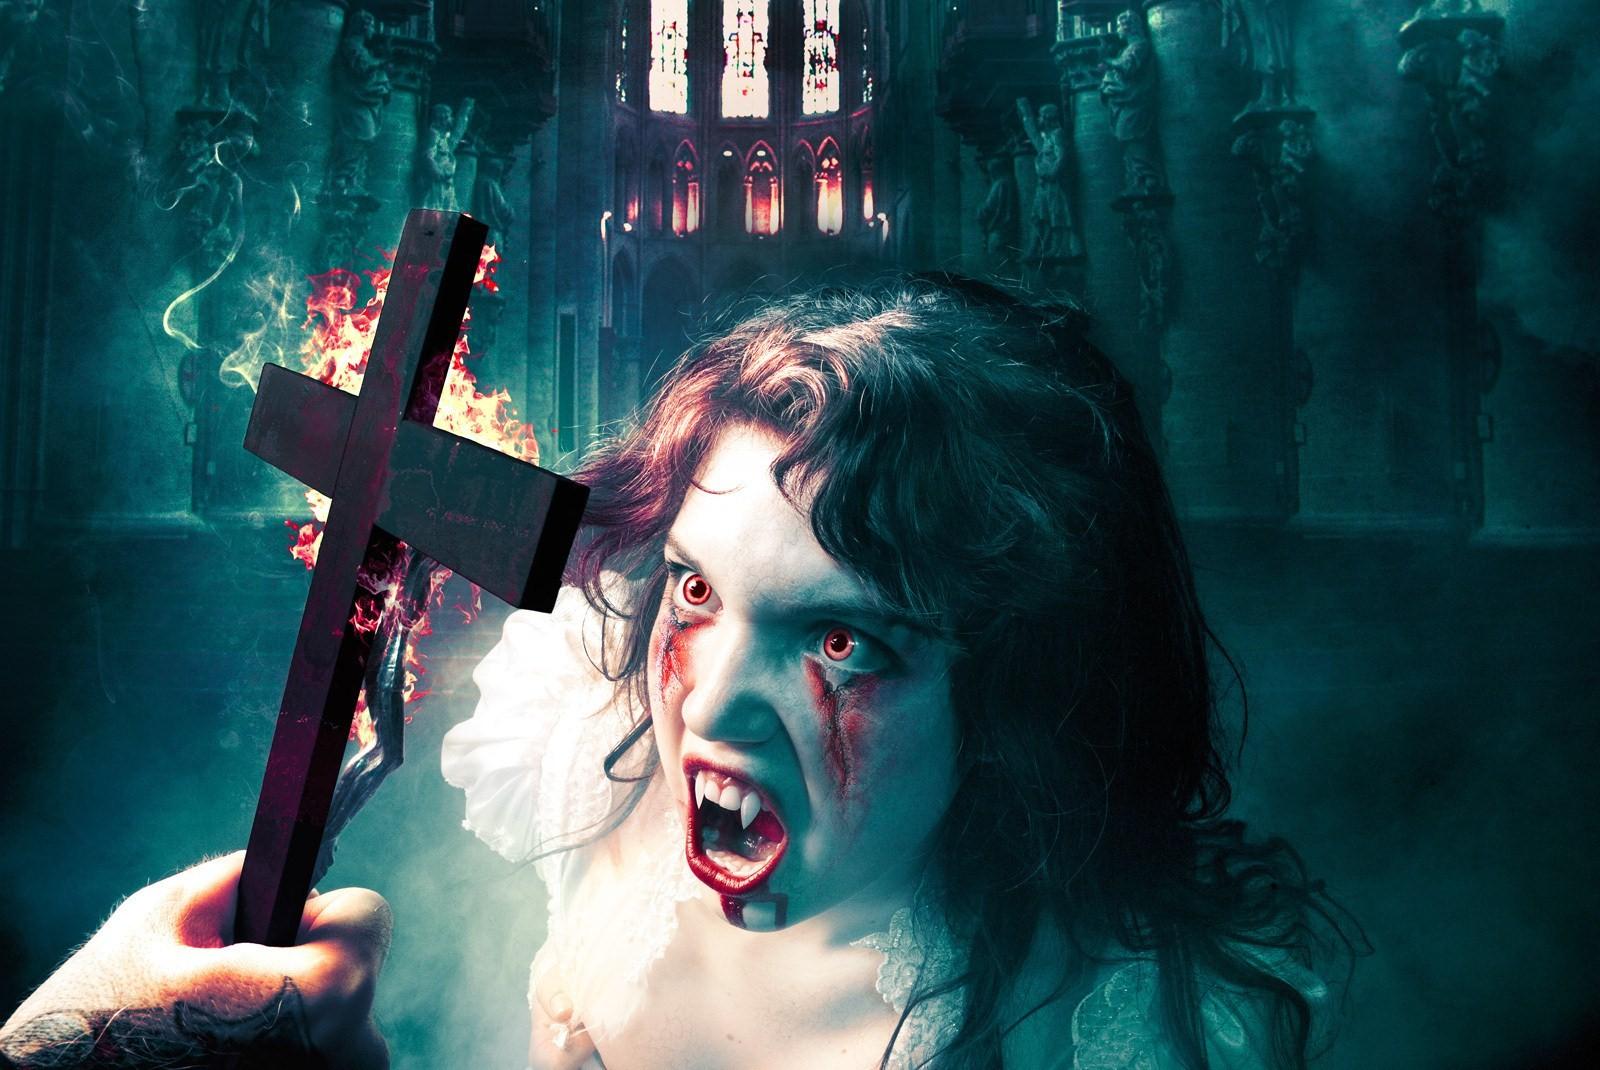 Fondos de vampiros Wallpapers_vampiros_00